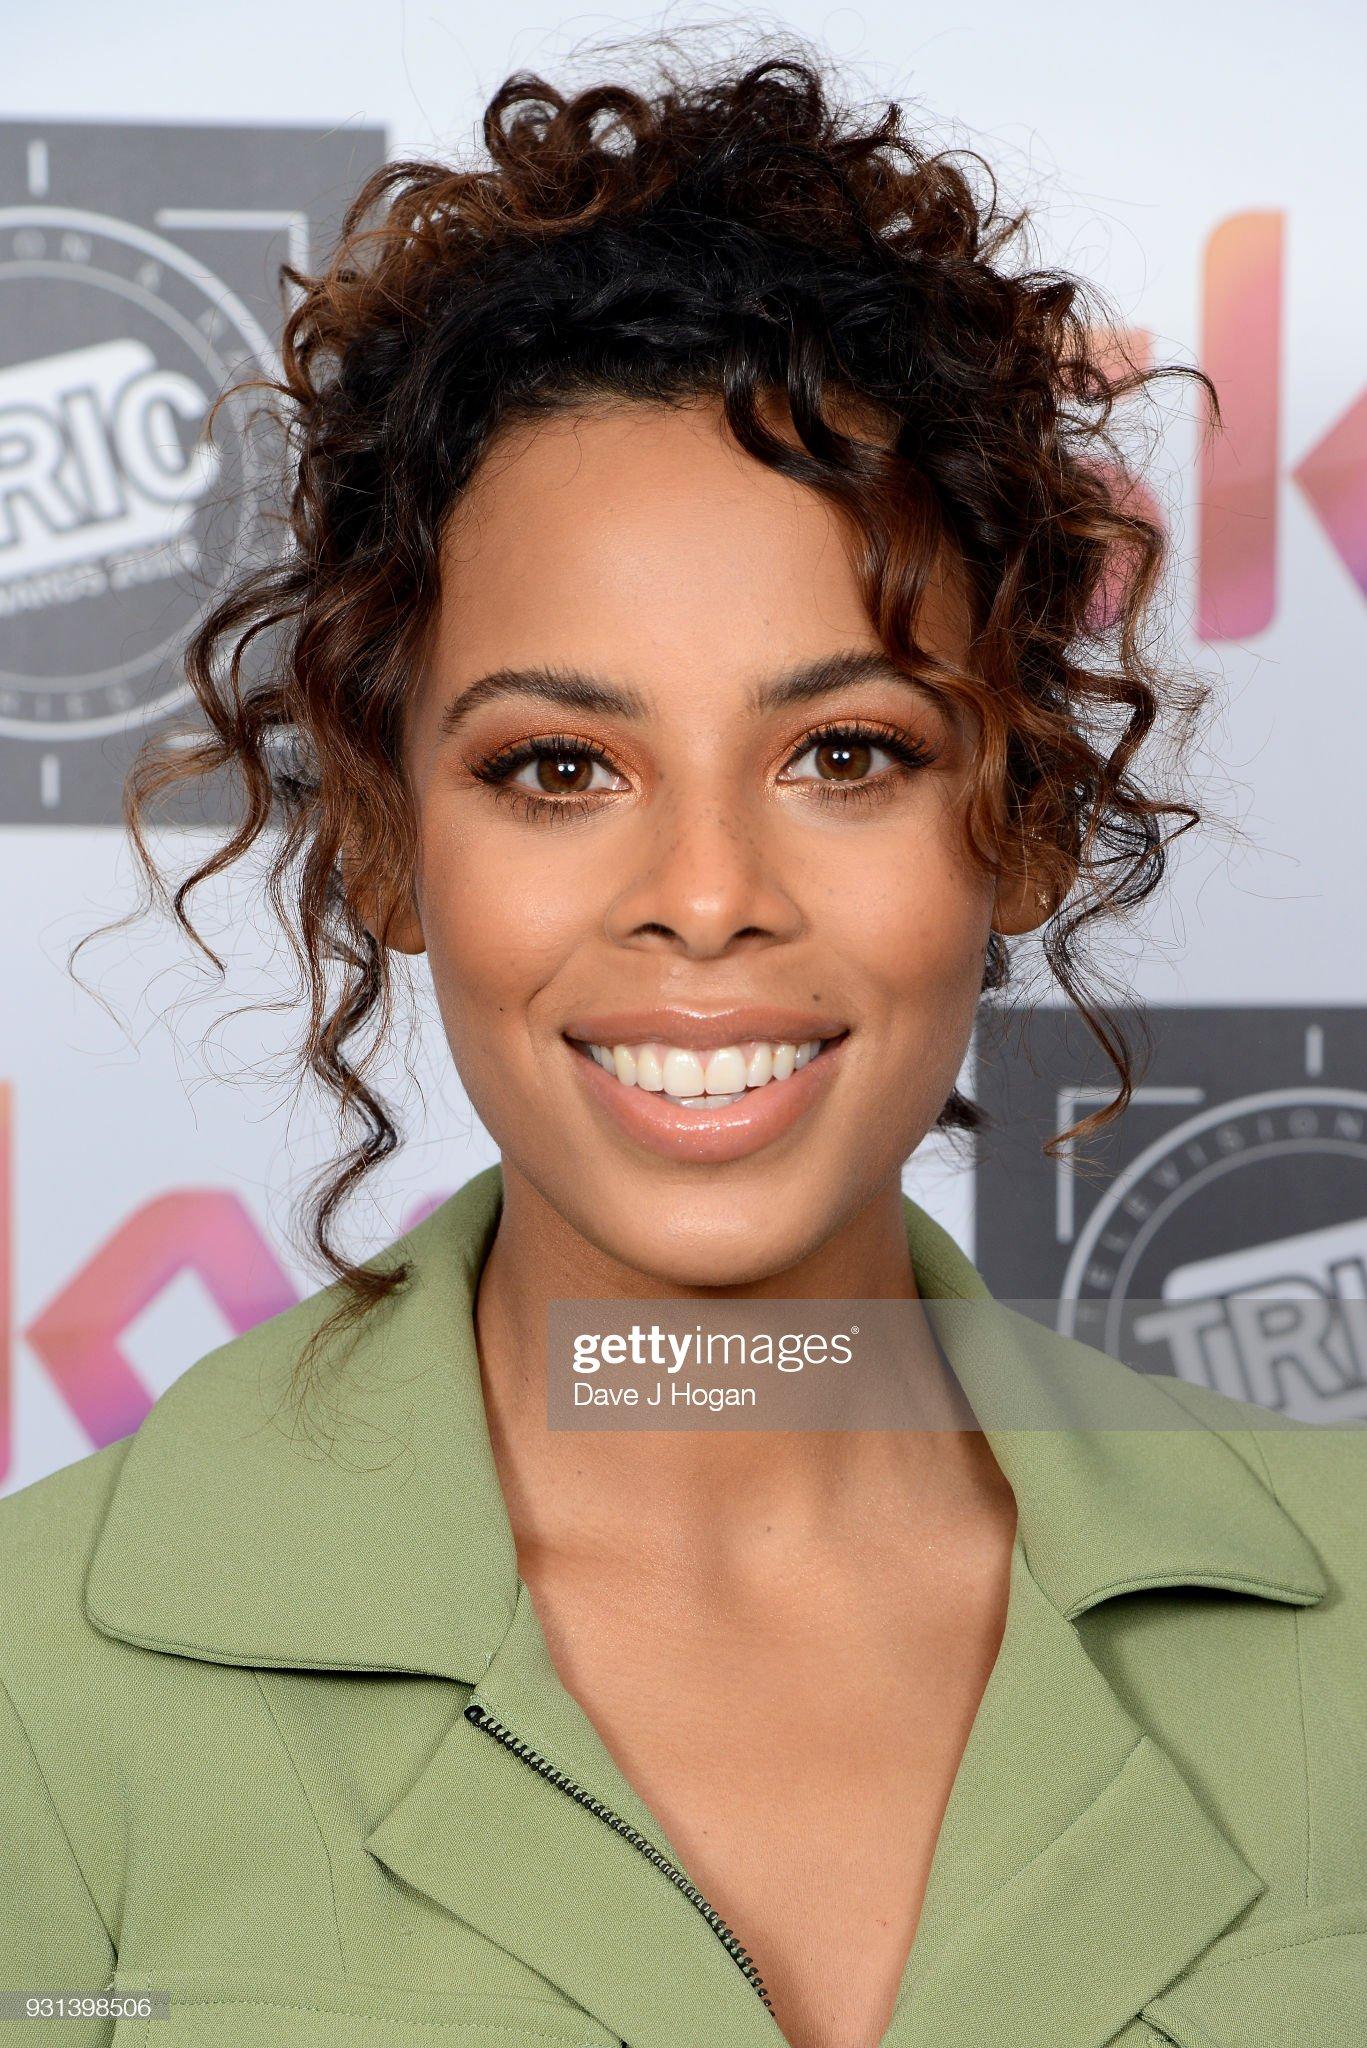 Ojos marrones - Personas famosas con los ojos de color MARRÓN Rochelle-humes-attends-the-tric-awards-2018-held-at-the-grosvenor-picture-id931398506?s=2048x2048